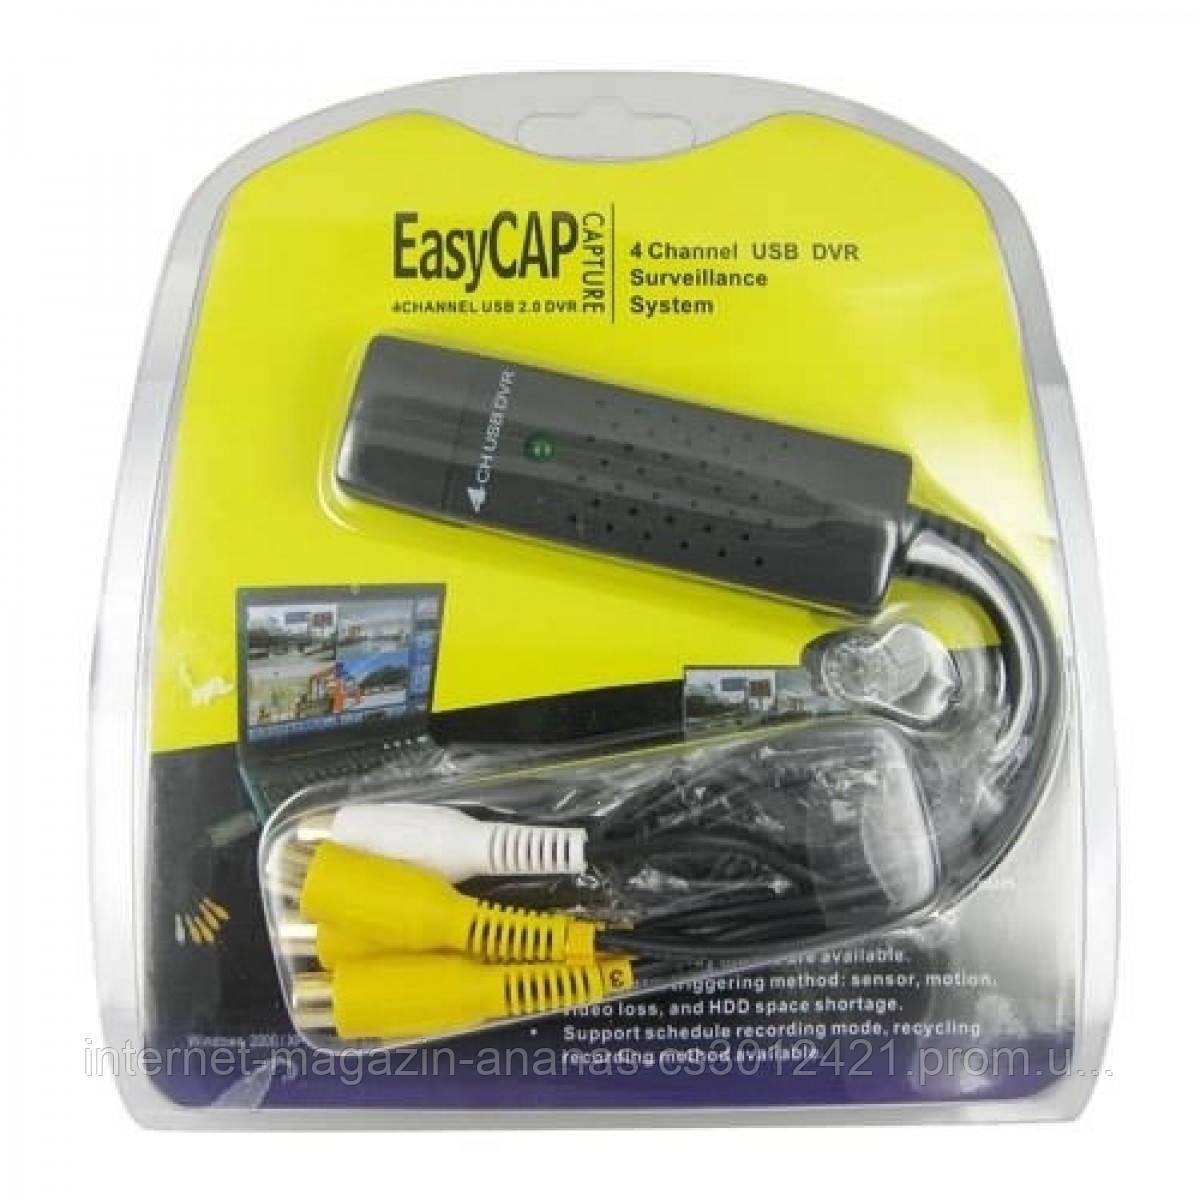 USB DVR для видеонаблюдения - EASY CAP 4 CHANEL